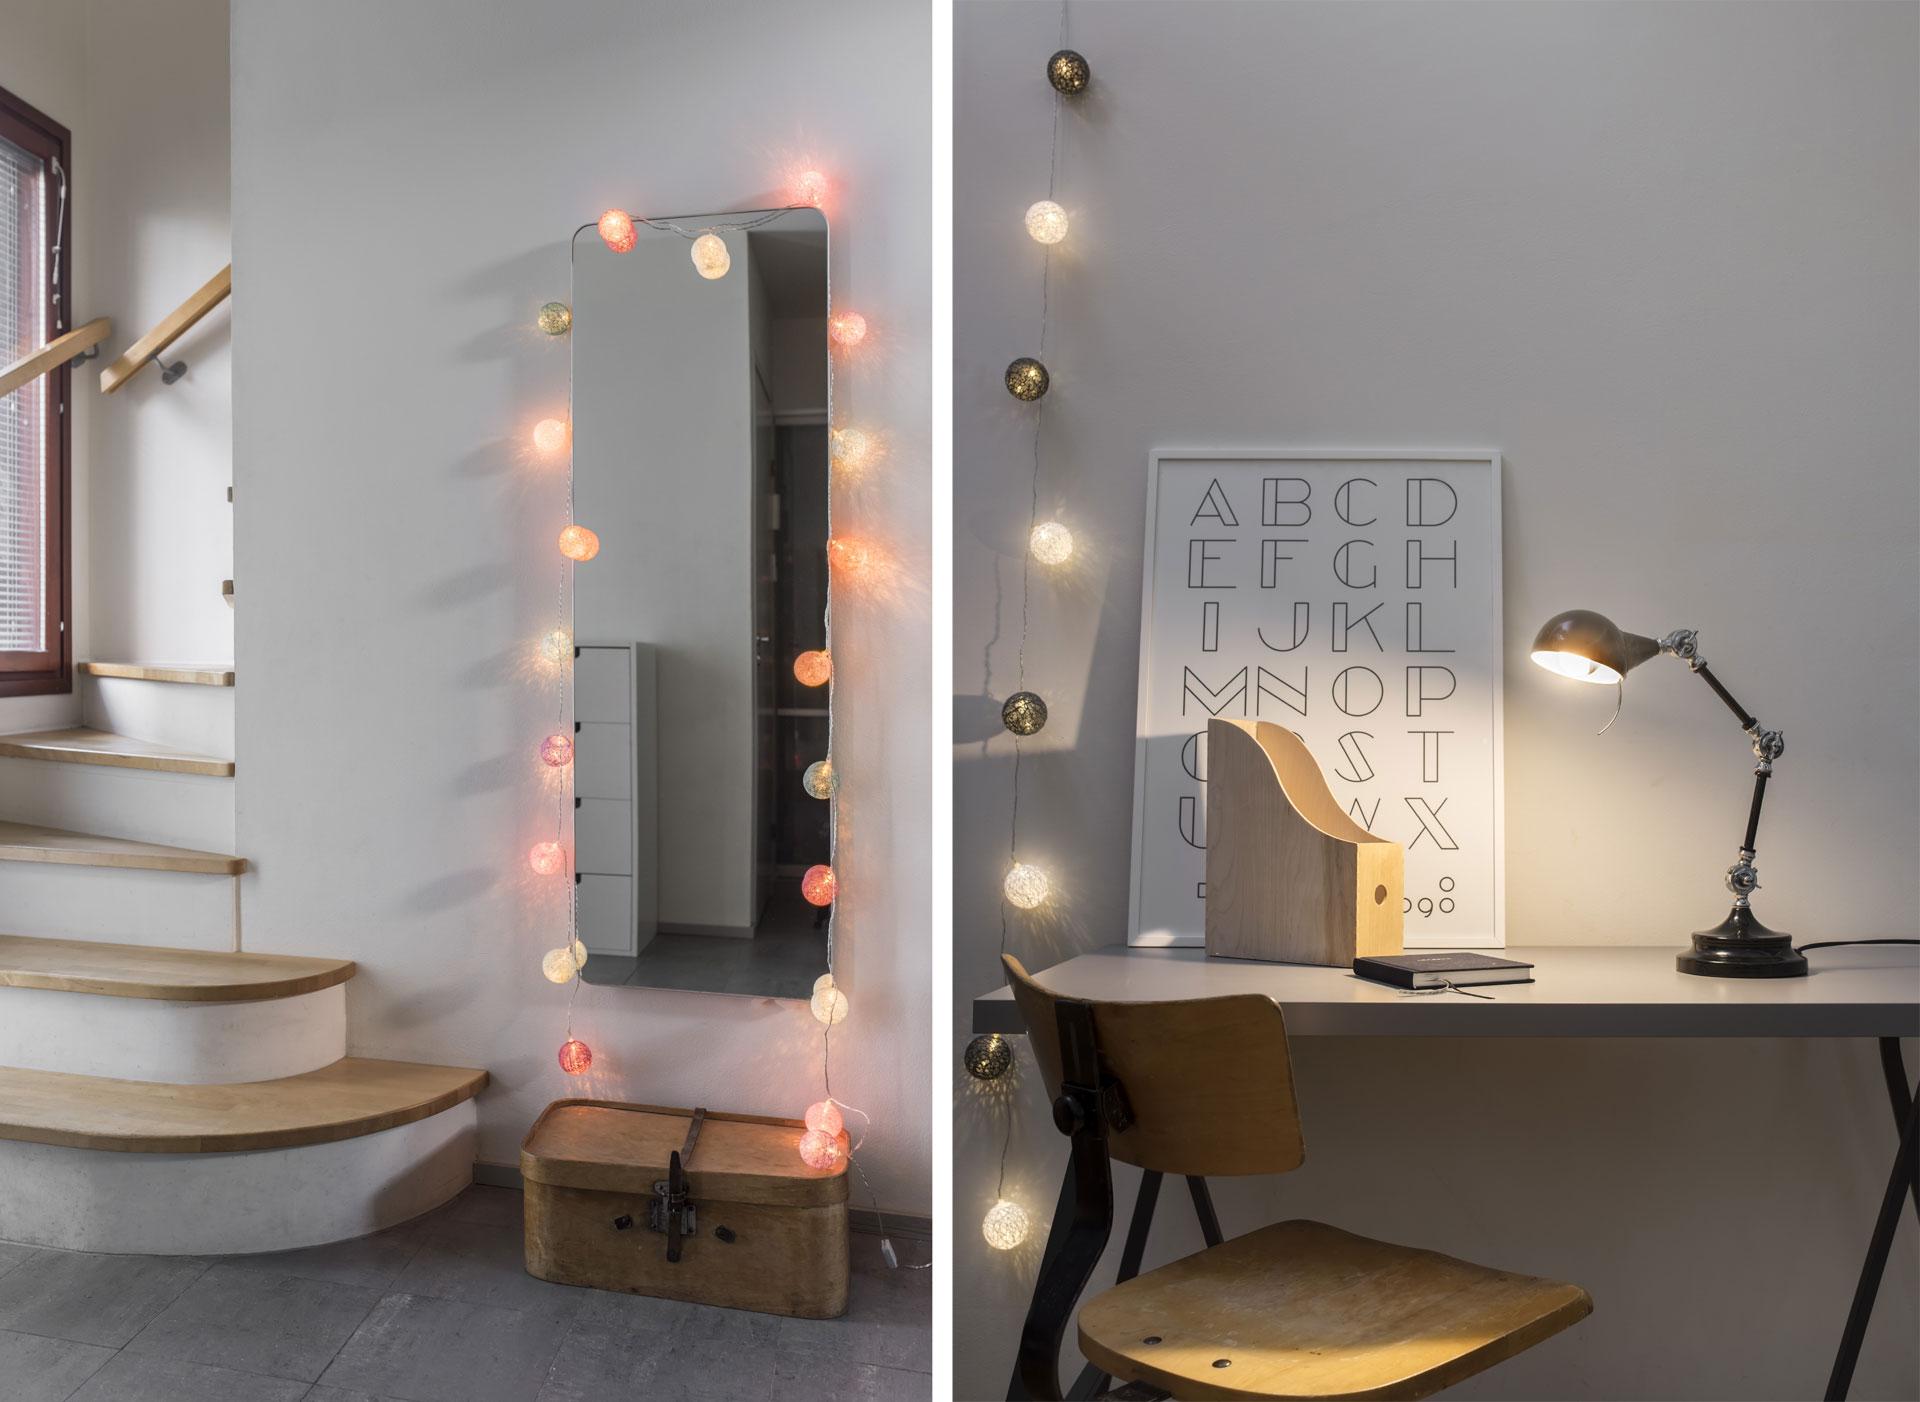 Tunnelmalliset ja tehokkaat LED-valot helposti kotiinkuljetuksella